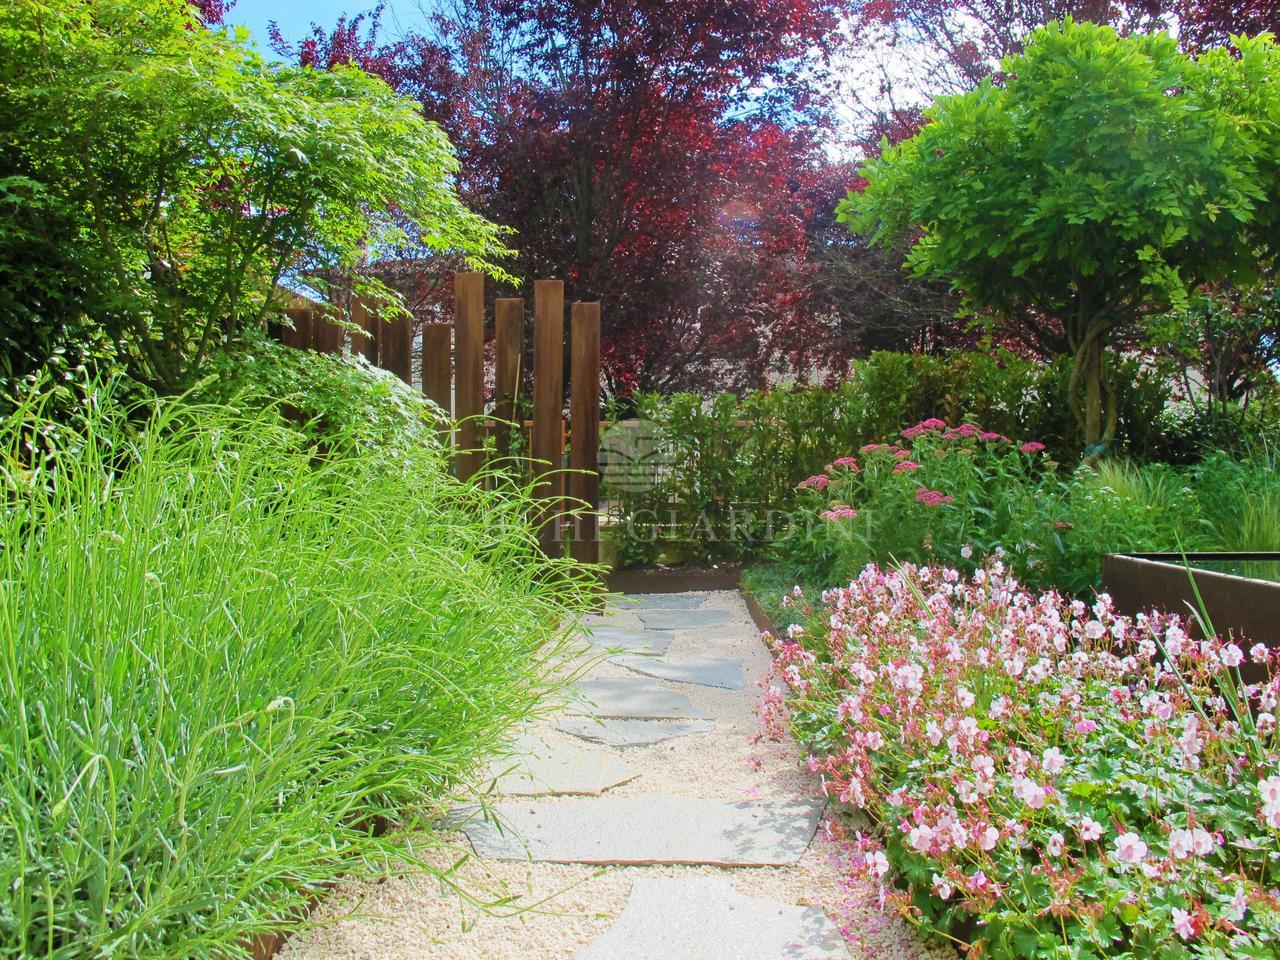 Piccoli giardini di villette immagine giardino di - Progetti giardino per villette ...